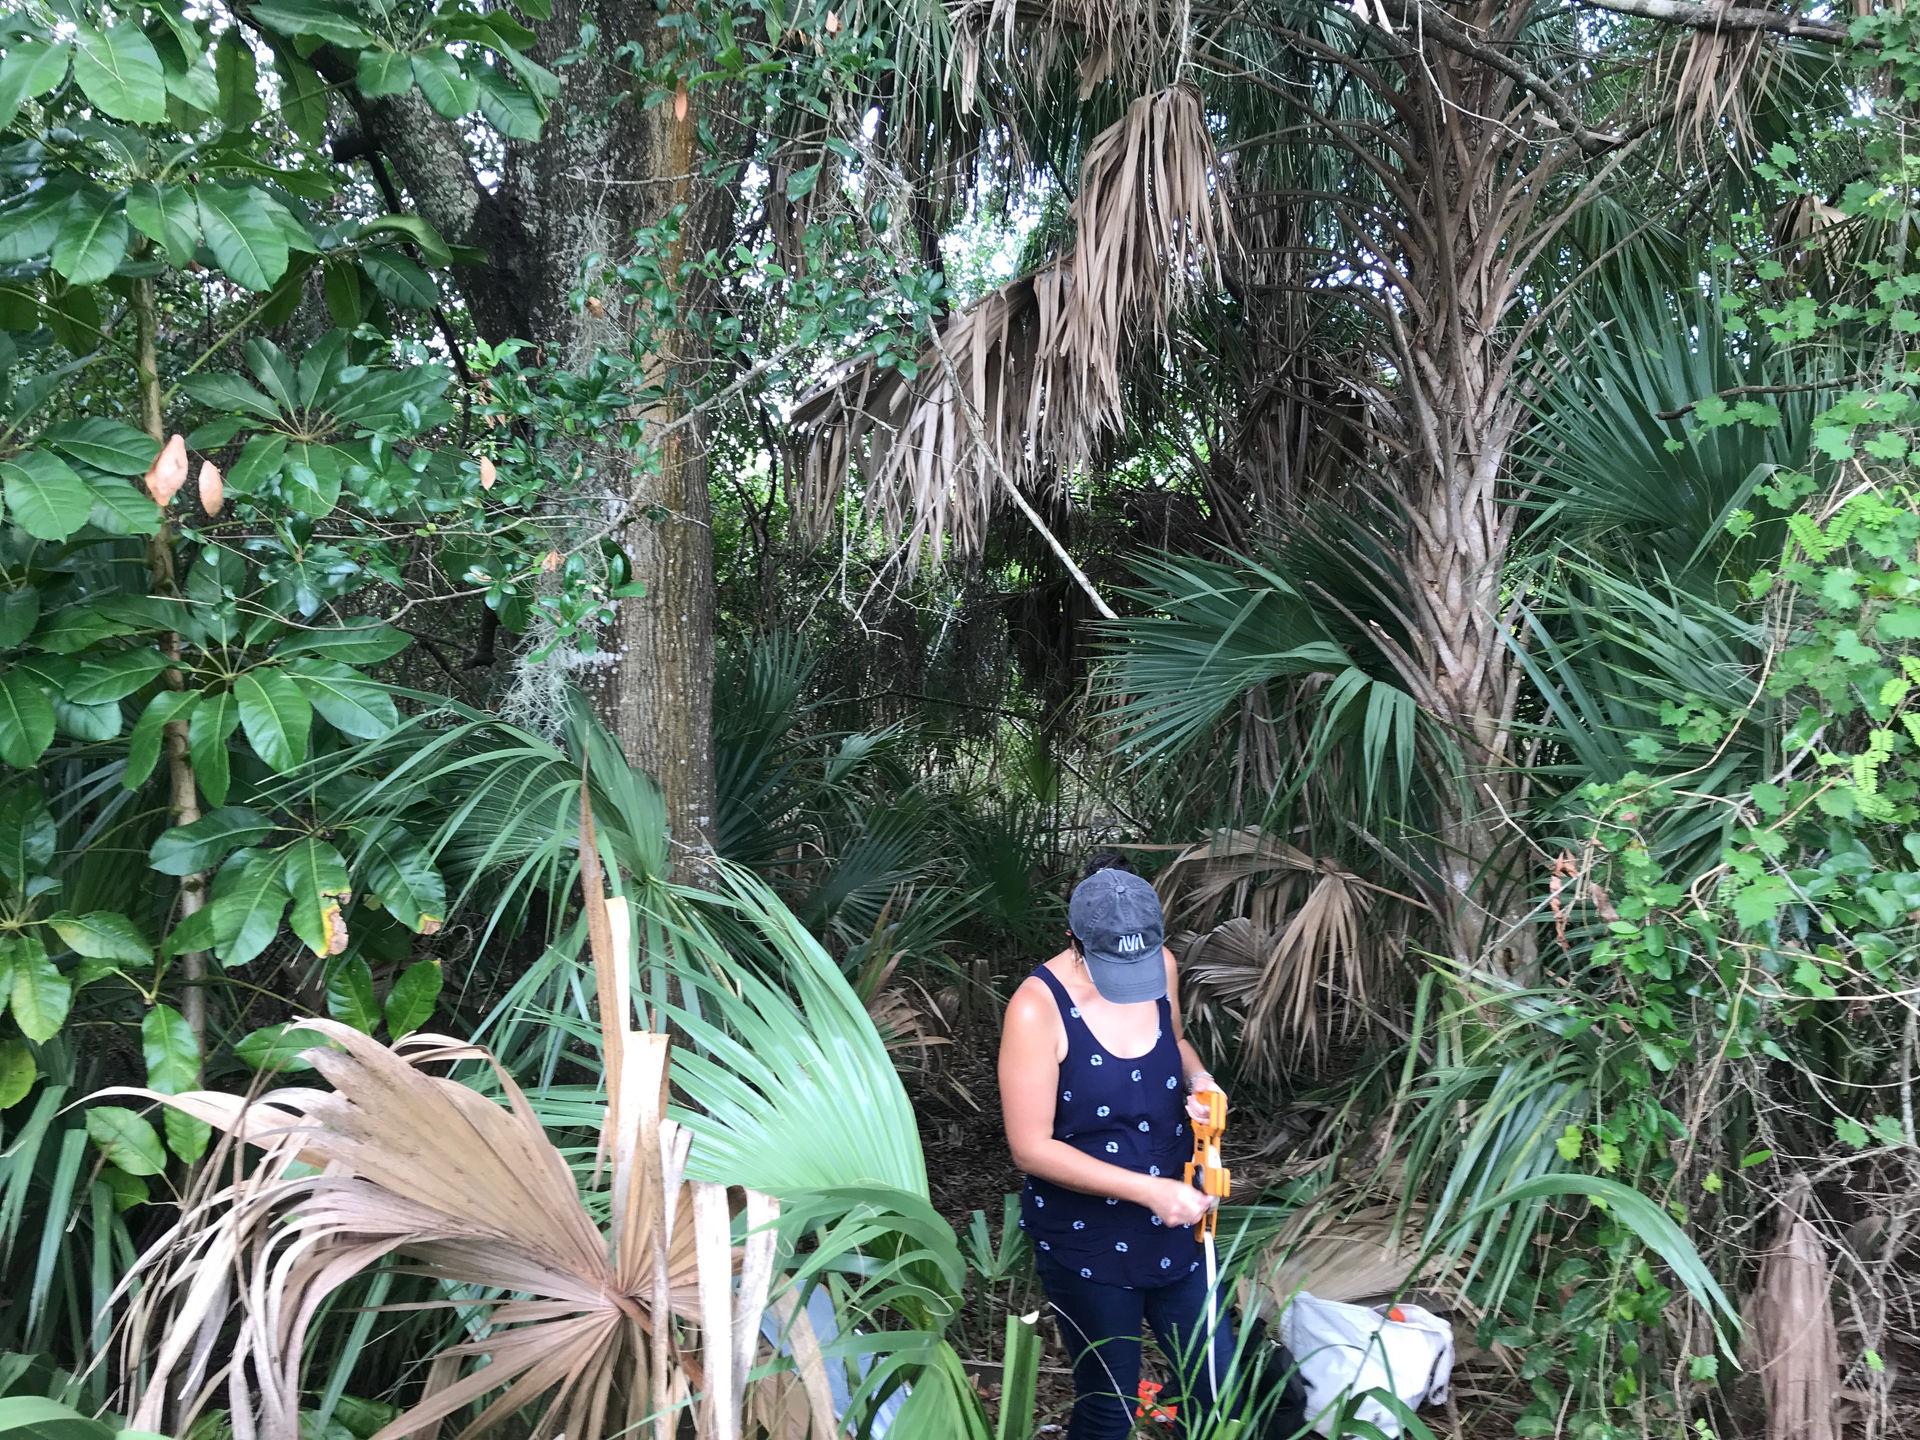 Site analysis of Southwest Florida habitat